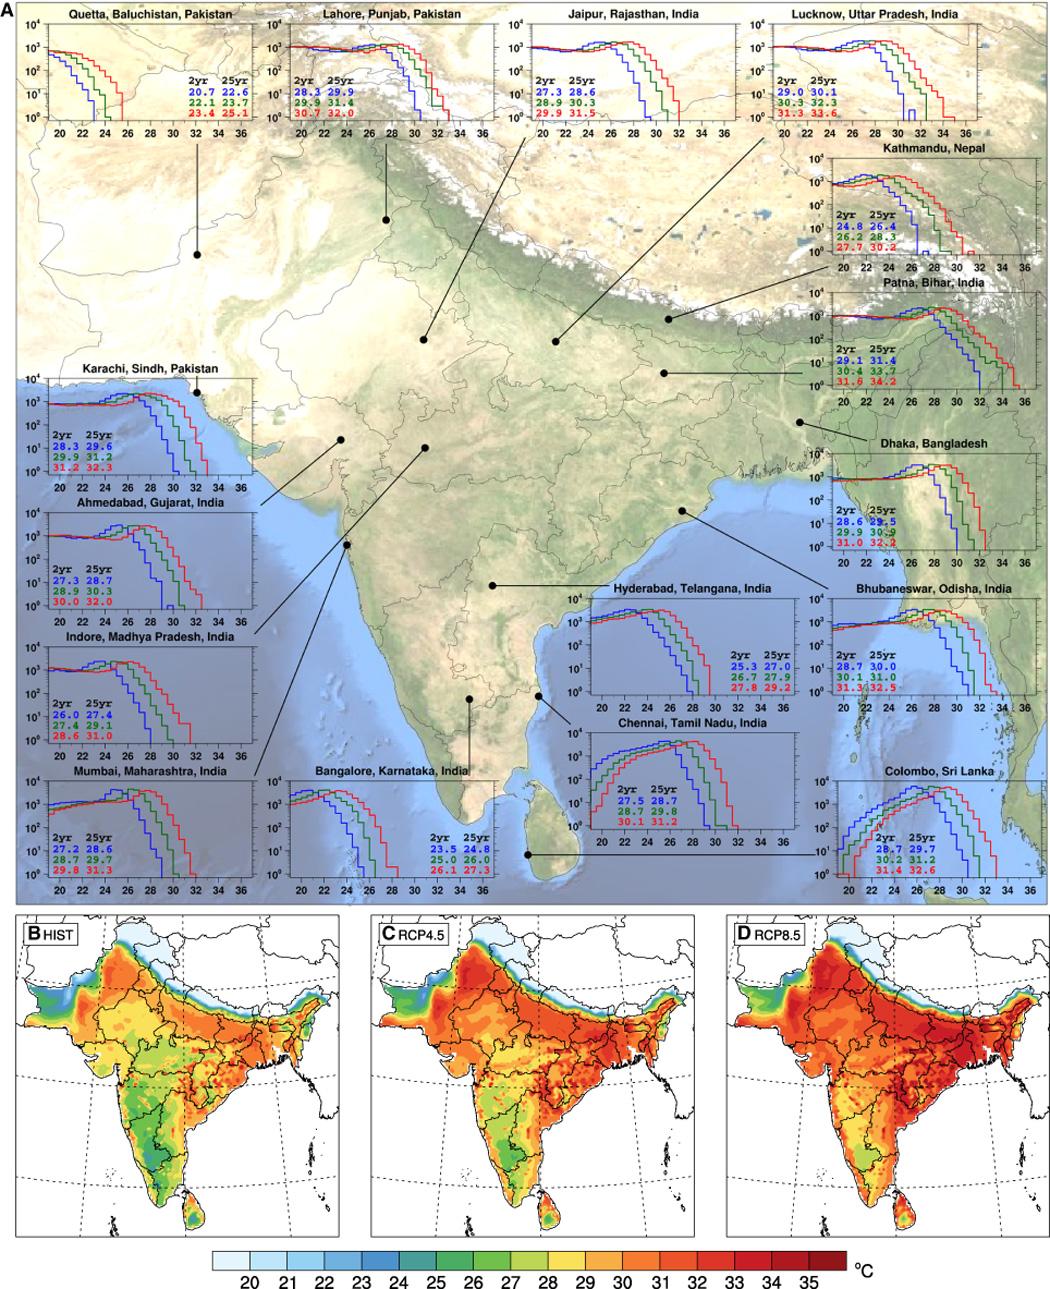 L'Asie du Sud en proie à une chaleur intolérable d'ici 2100